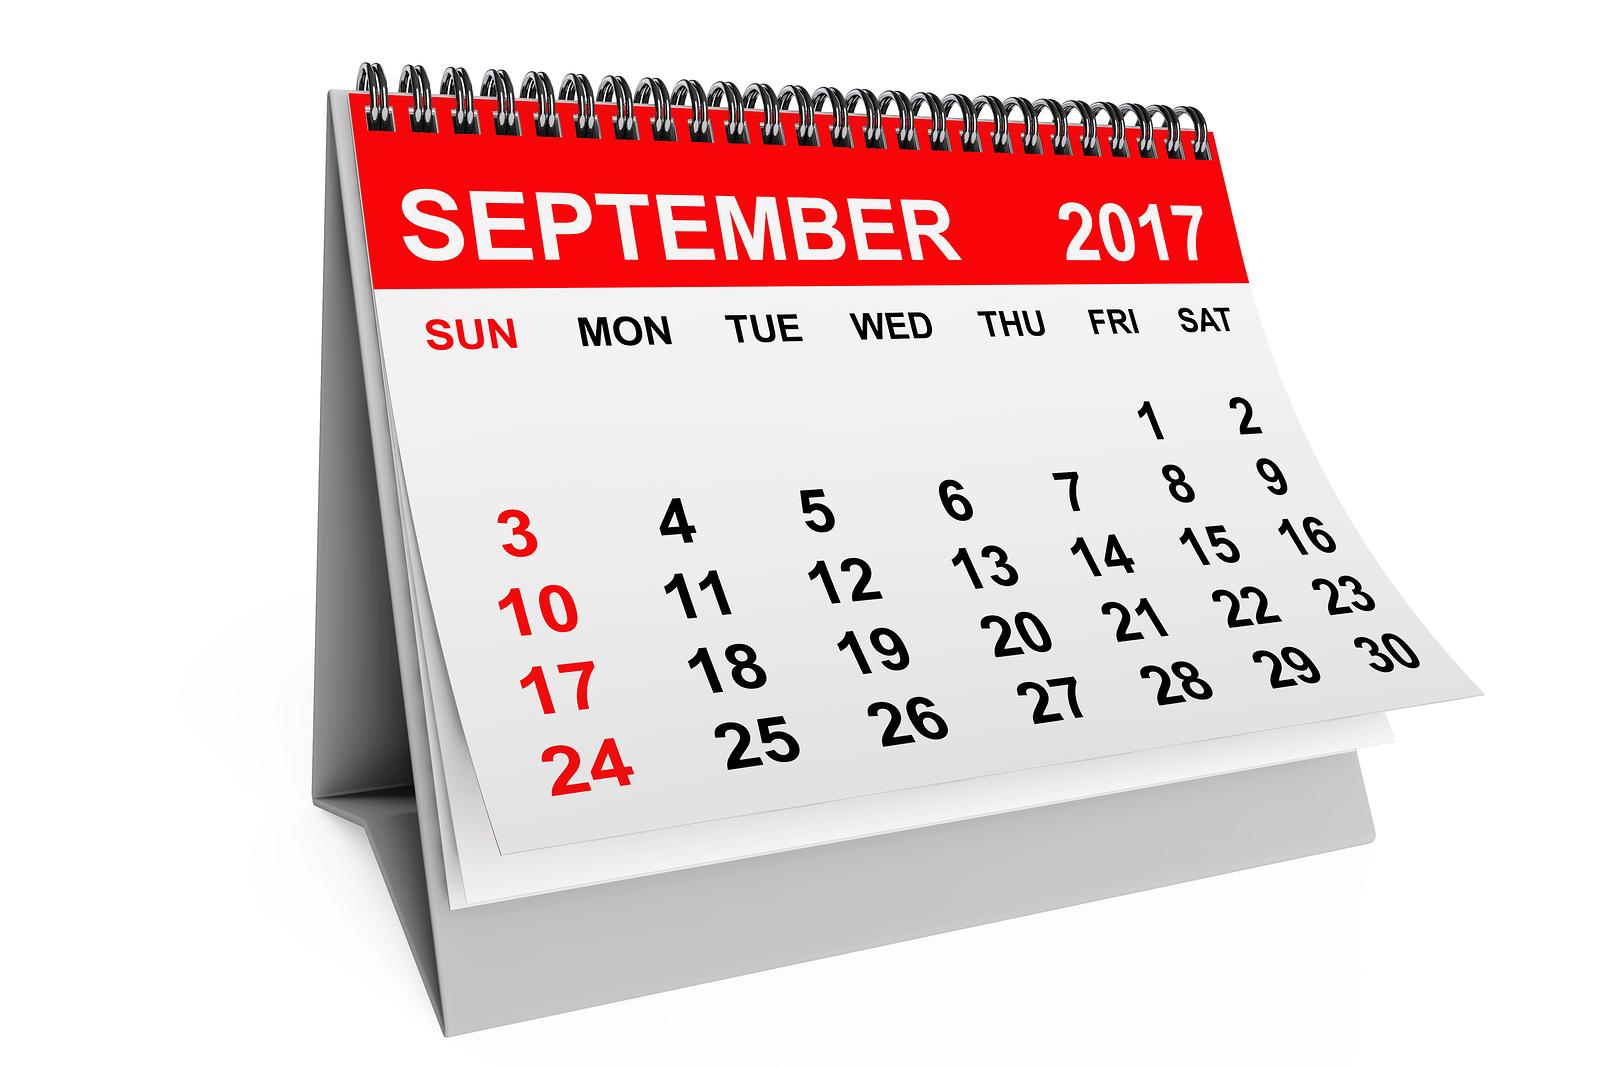 September 2017 Calendar Alerts - Fountain Valley High School For Fvhs School Calendar